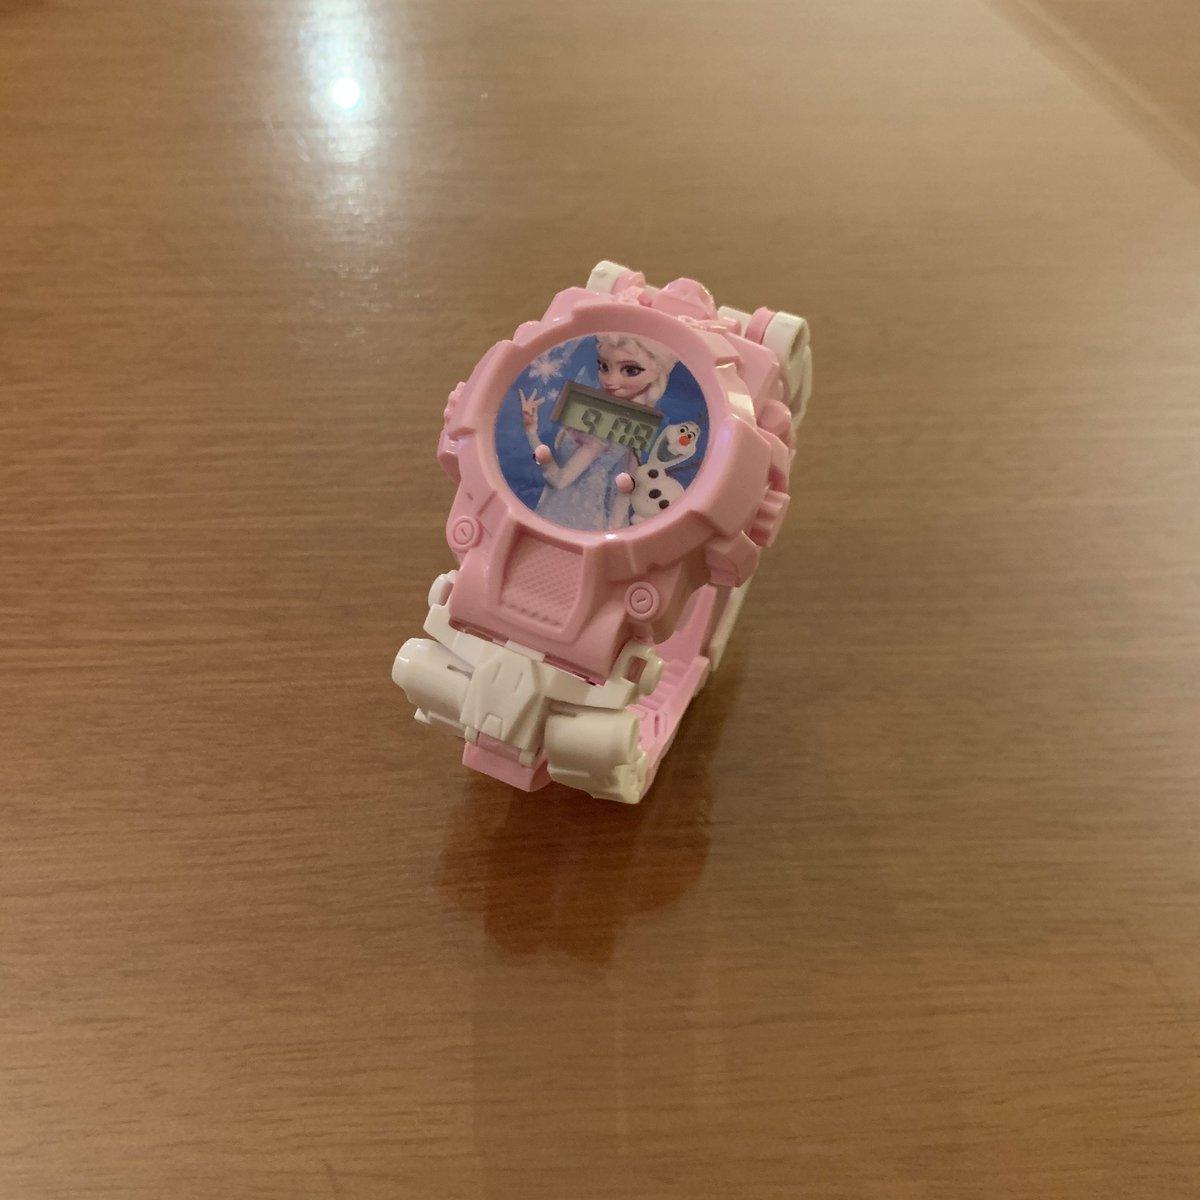 アナ雪の腕時計を入手しました